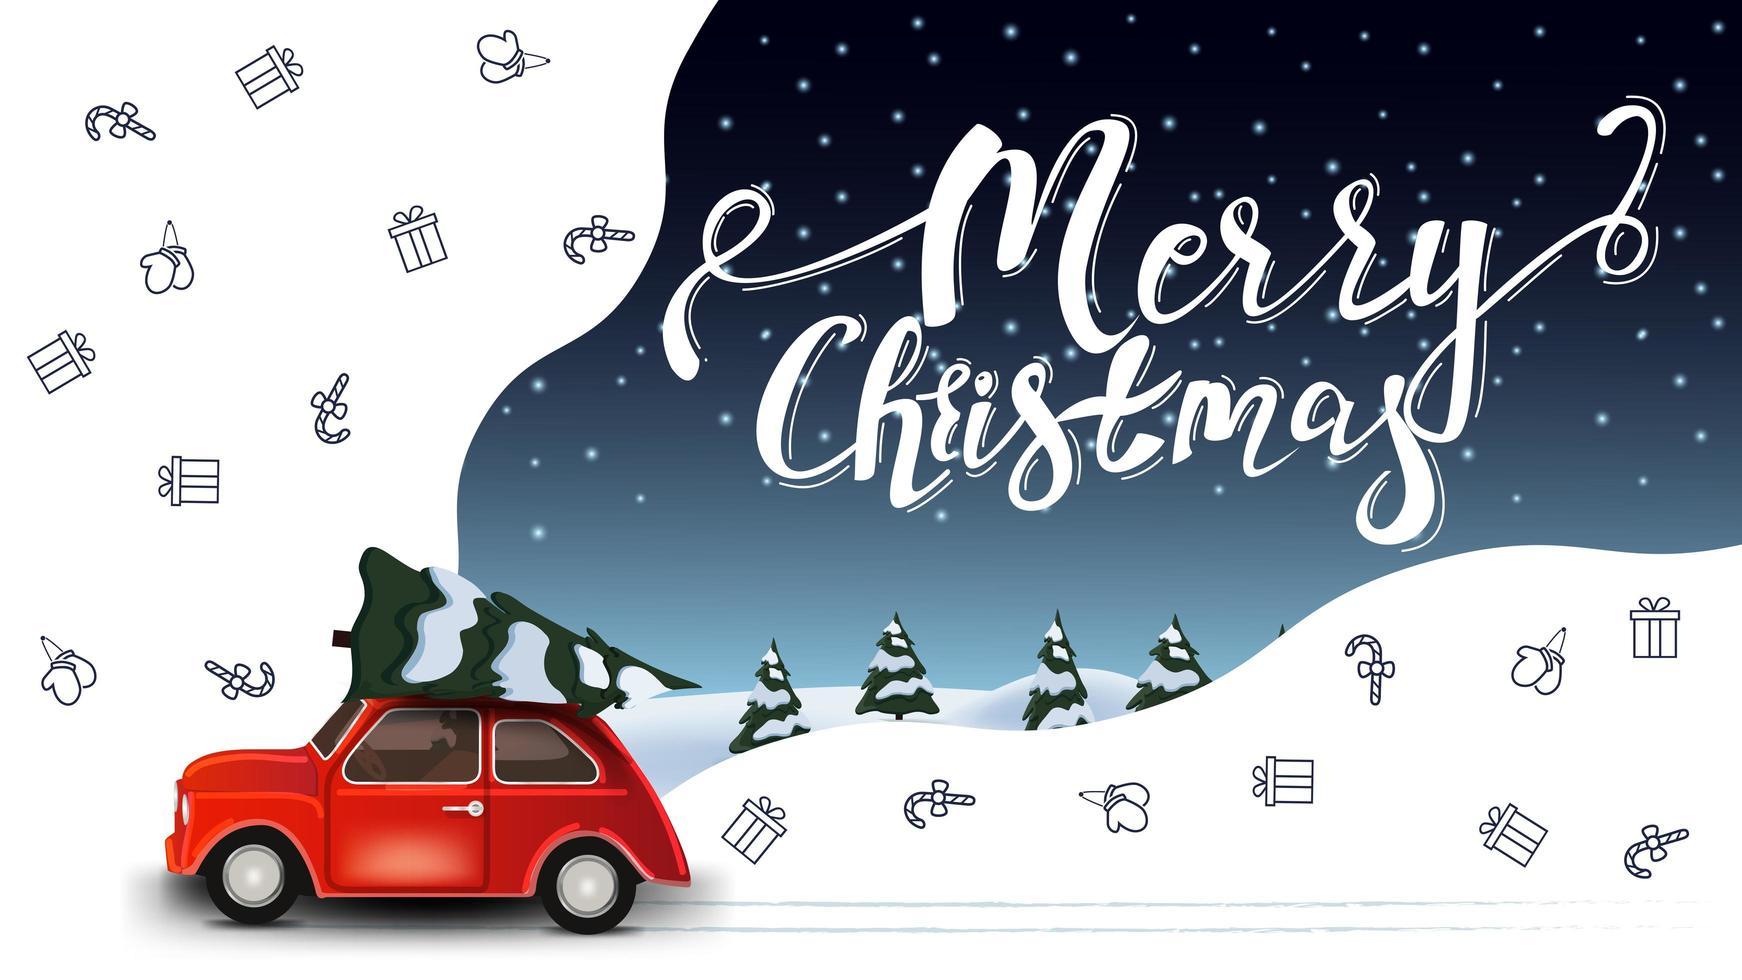 god jul, vackert vitt och blått hälsningsvykort med röd veteranbil som bär julgran- och jullinjeikoner, rymdfantasi vektor